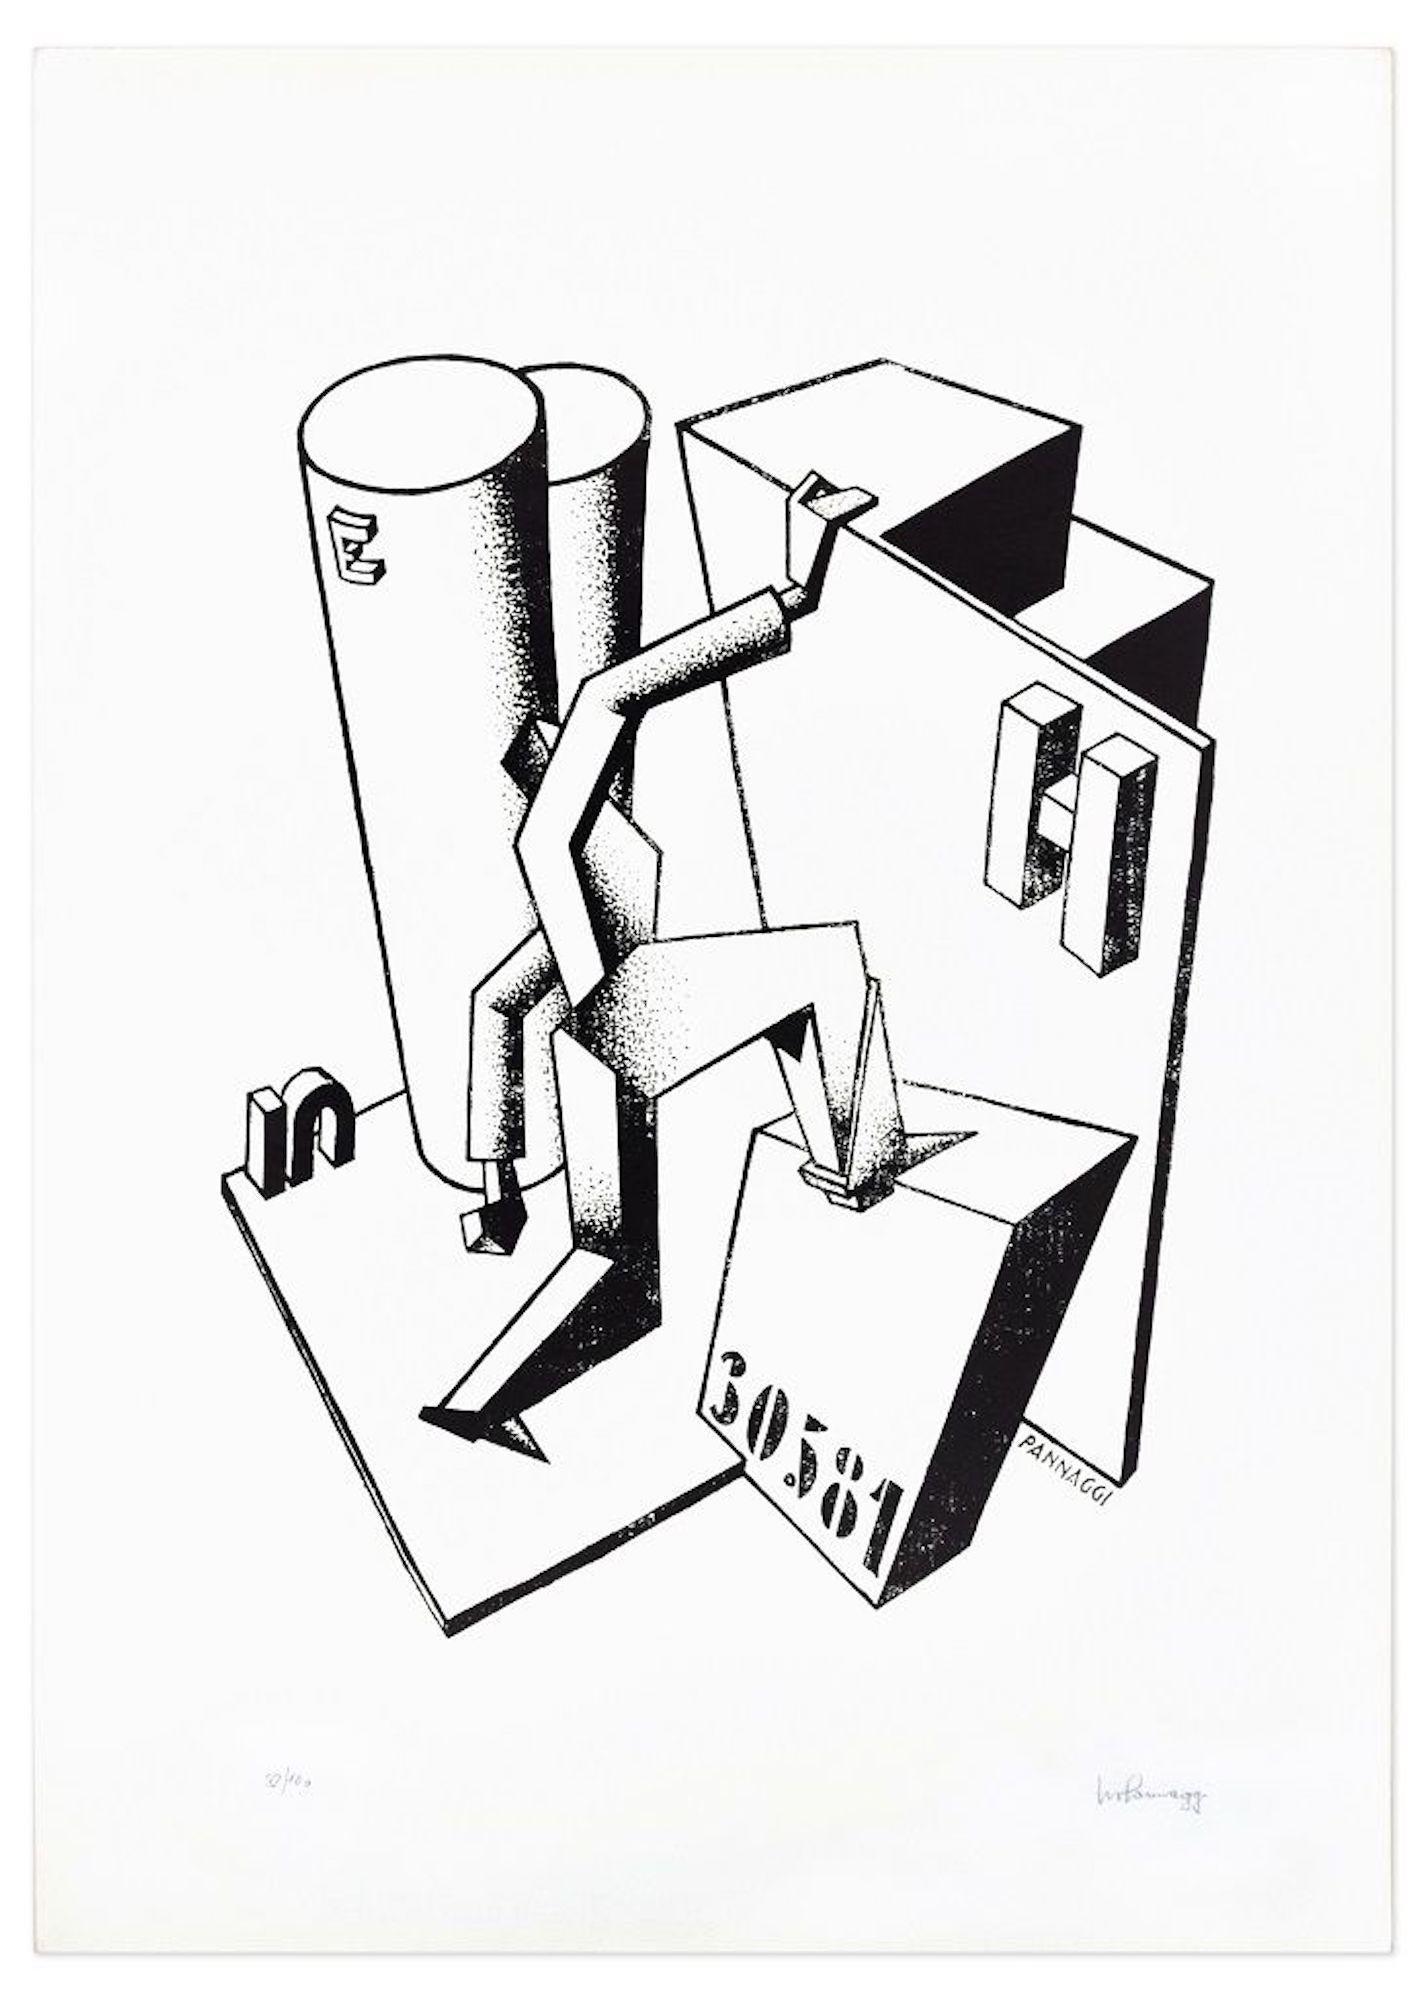 The Climber - Original Lithograph by Ivo Pannaggi - 1975 ca.